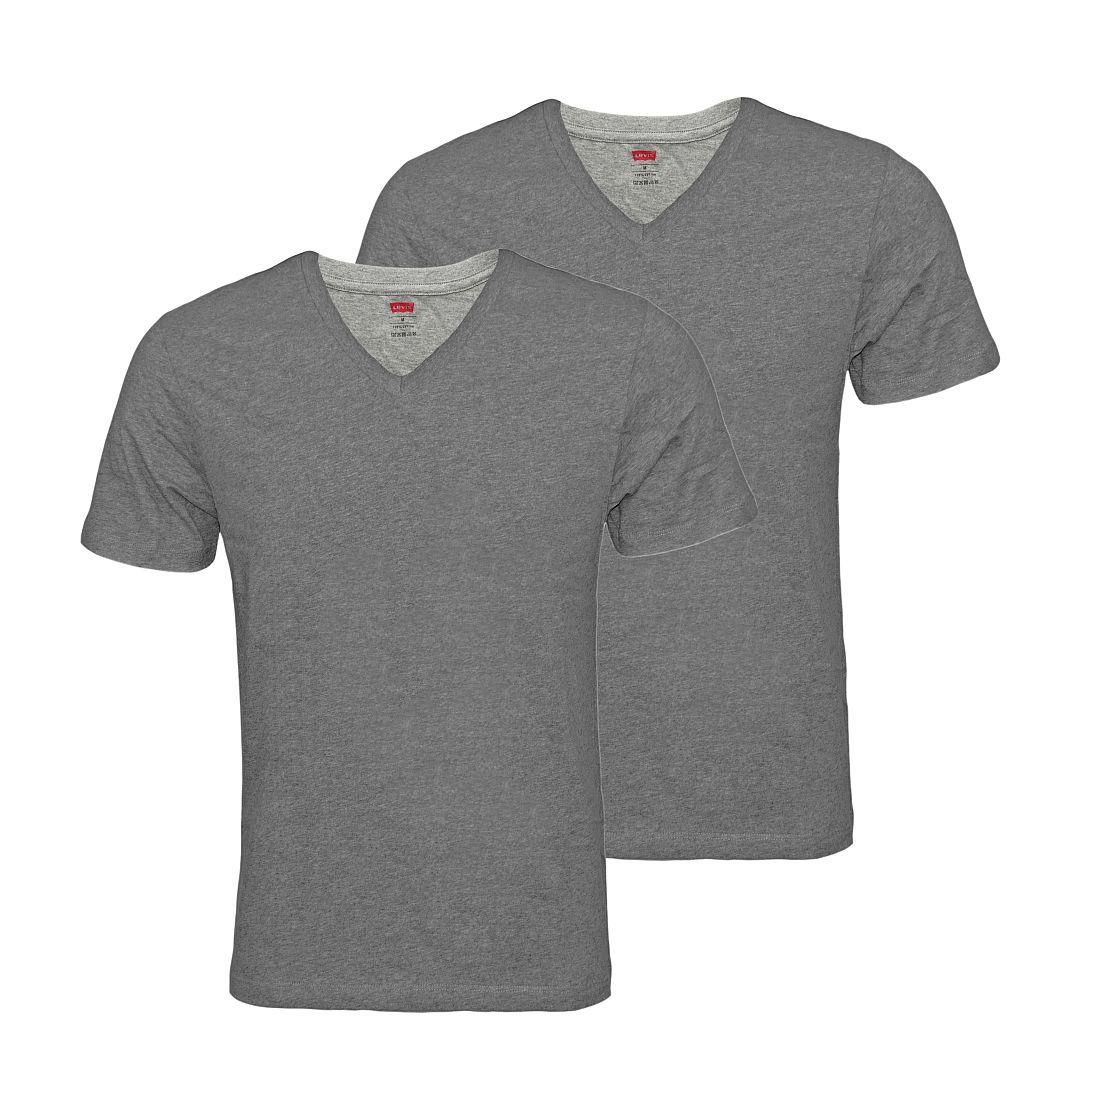 LEVIS Shirts 200SF 2er Pack T-Shirt 945004001 758 Middle Grey Melange SF17-LVSS1